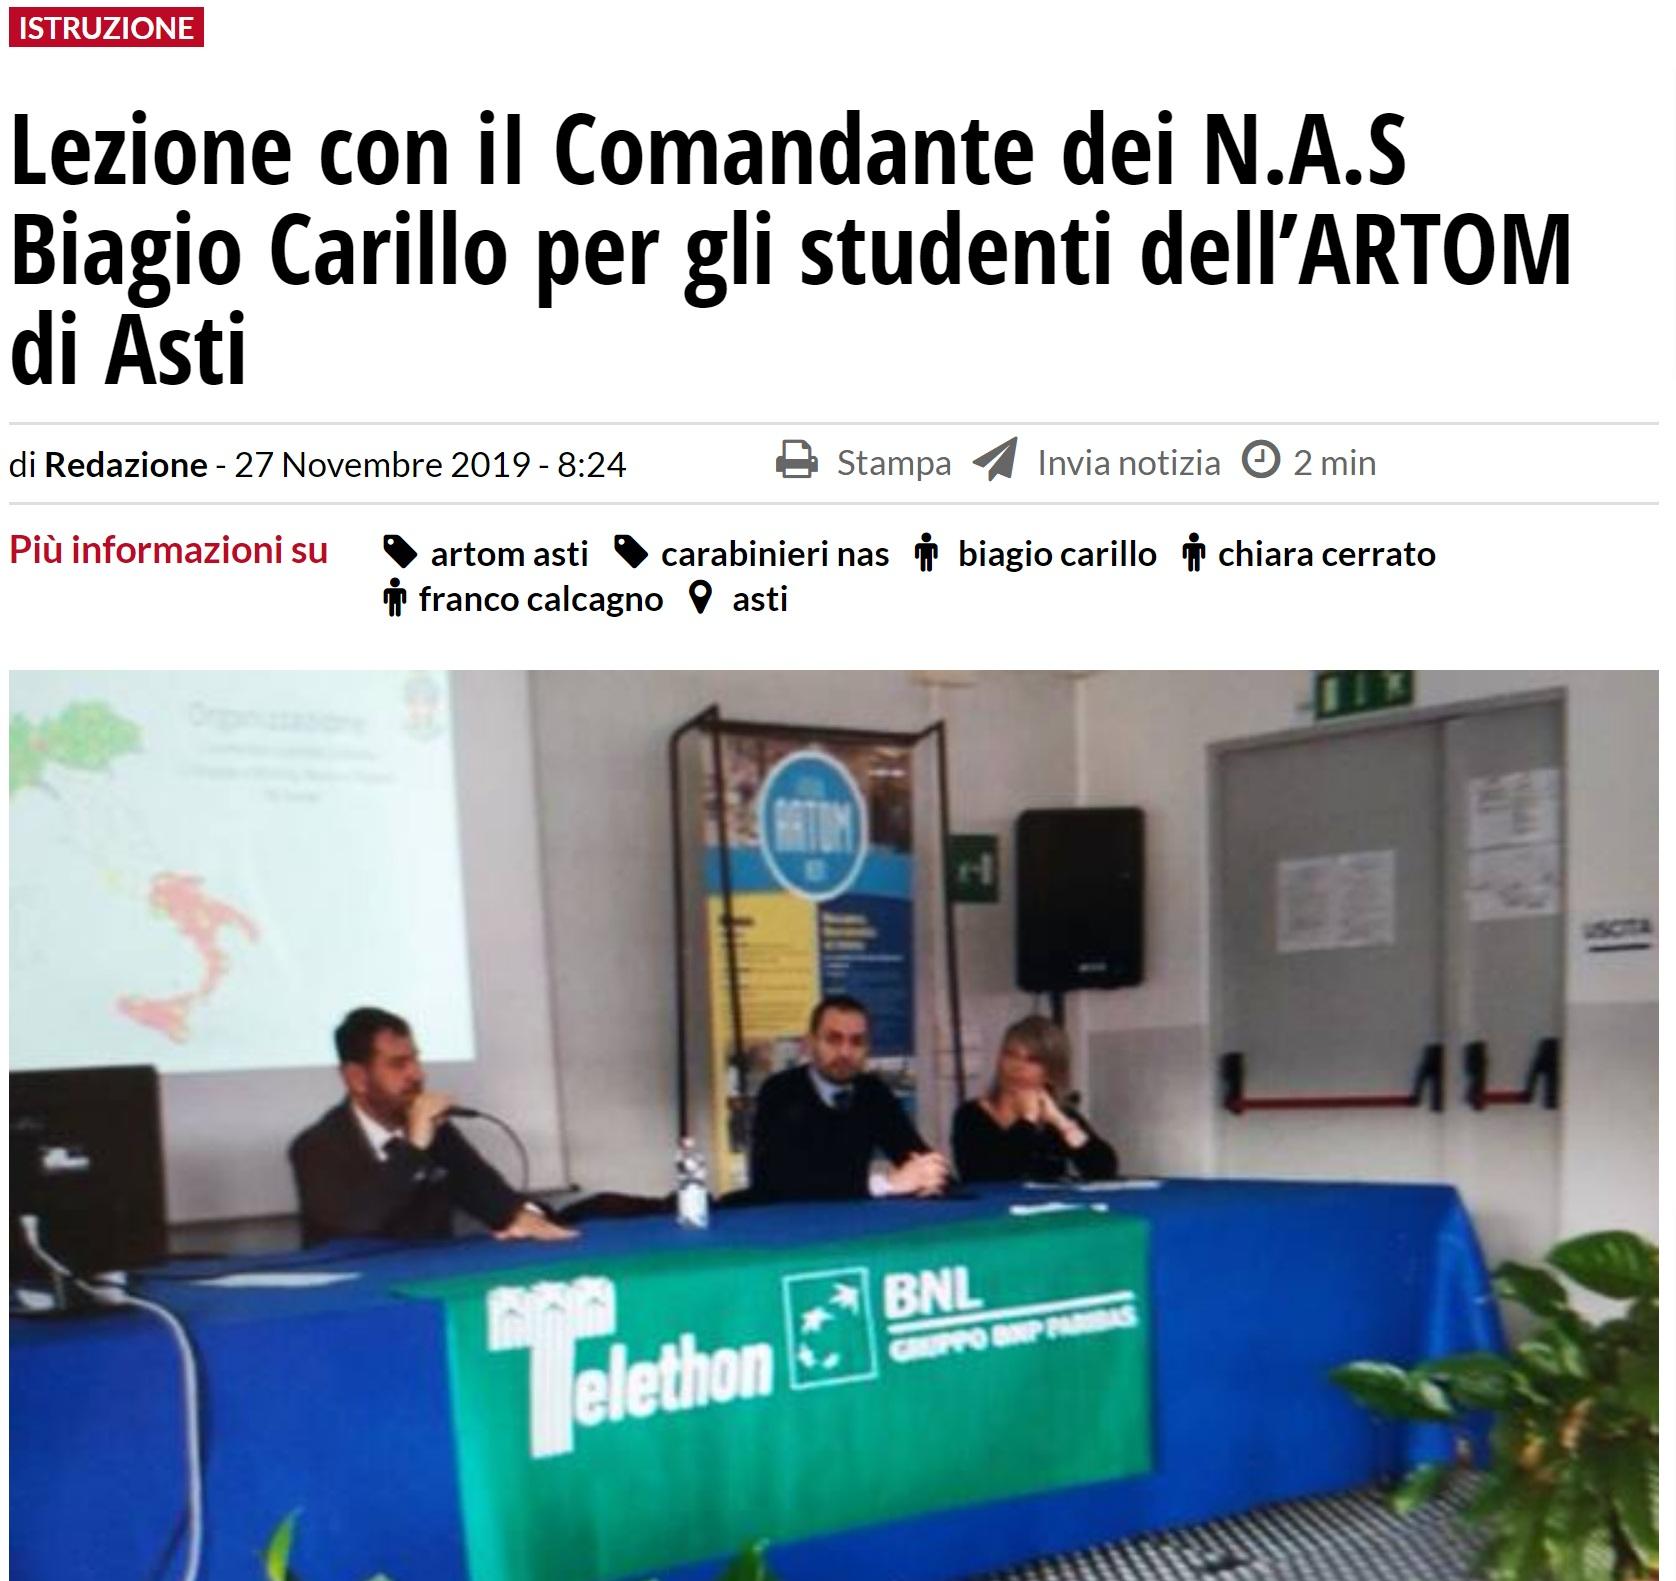 ANAStelethonBNL